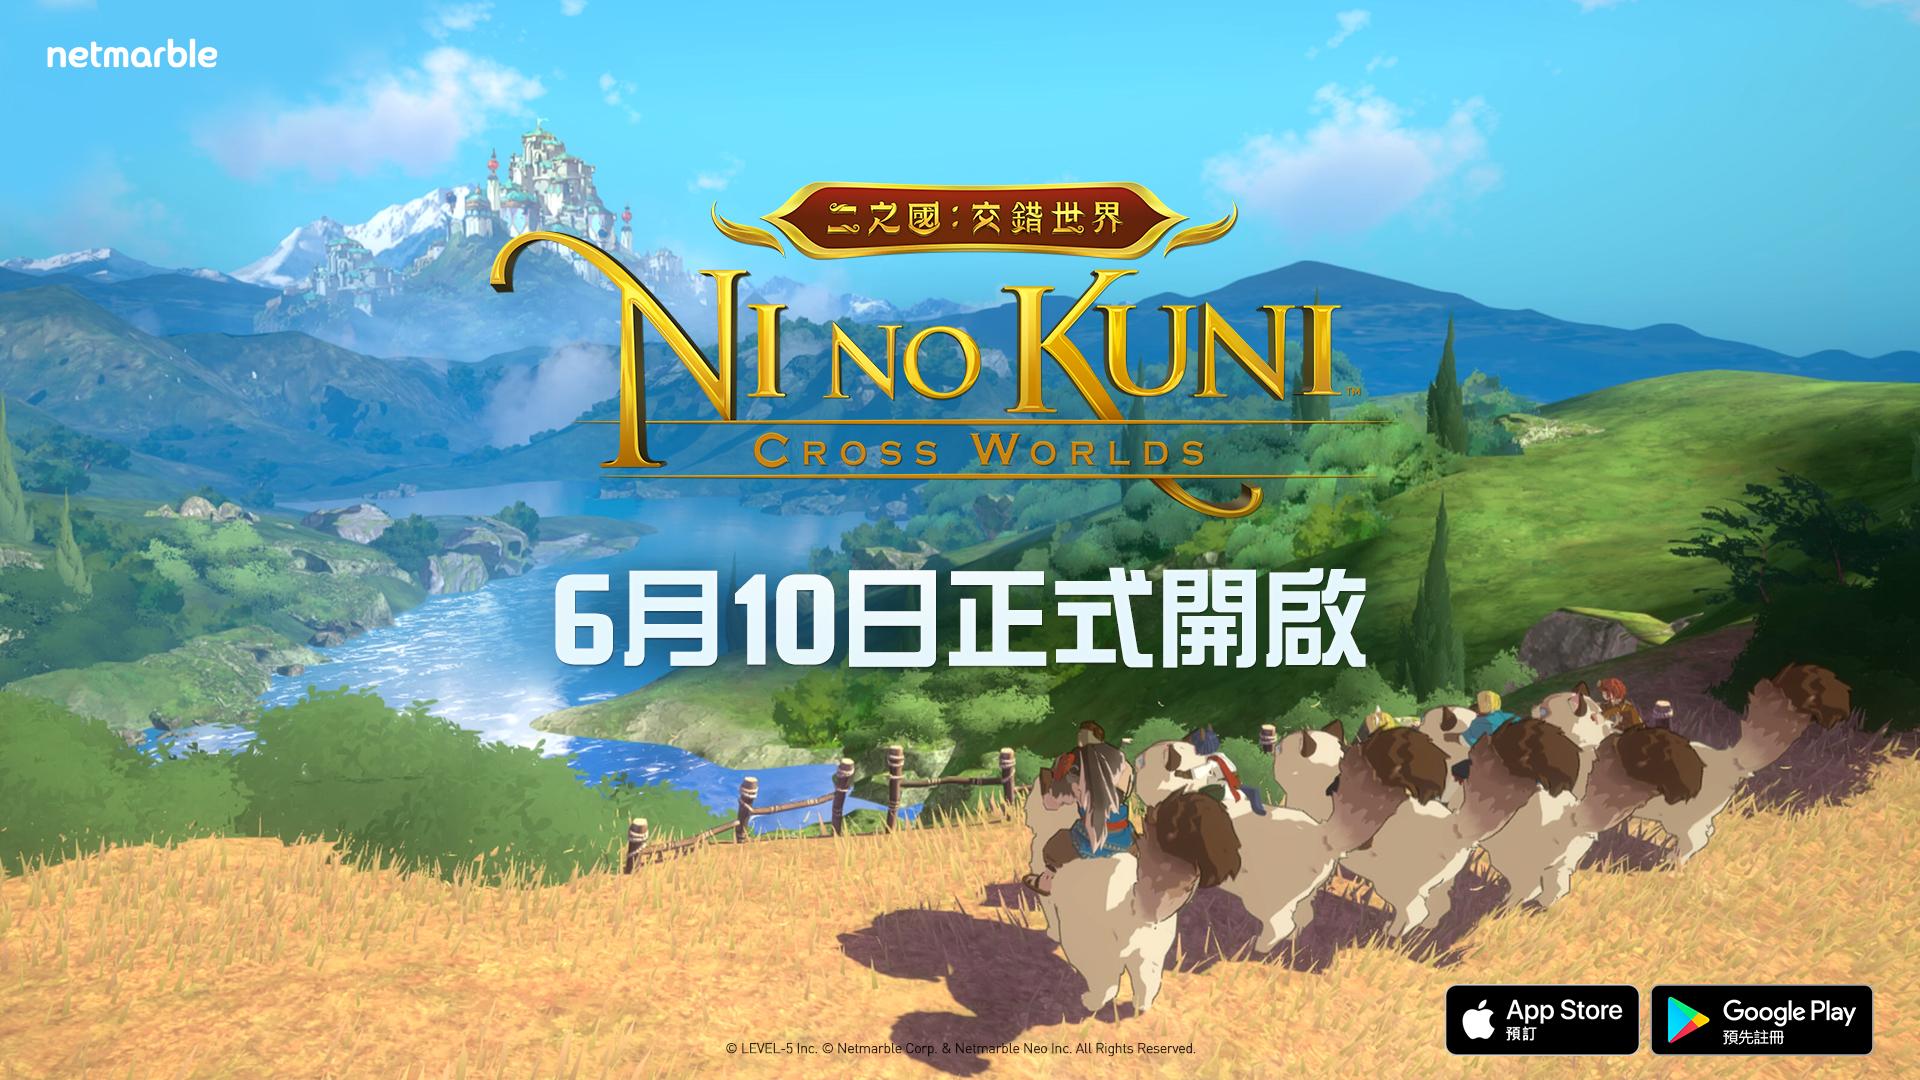 《二之國:交錯世界》網石奇幻冒險RPG  6月10日 台港澳、日、韓同步推出